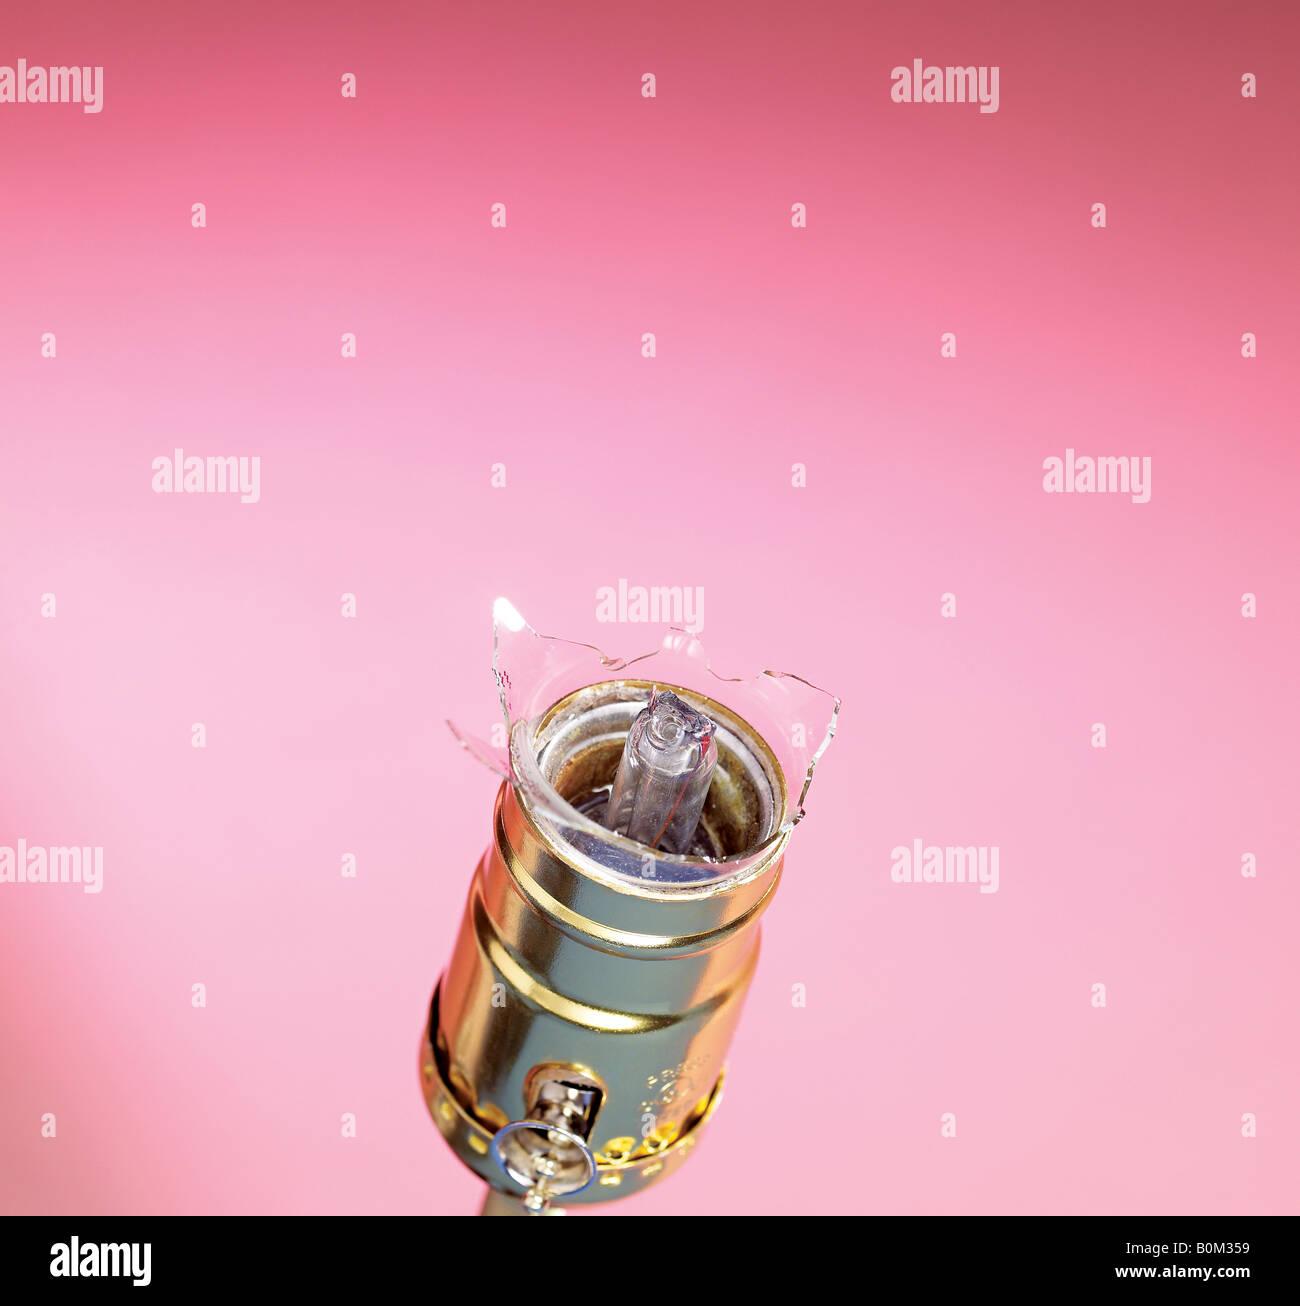 Broken Lightbulb in the socket against pink background - Stock Image